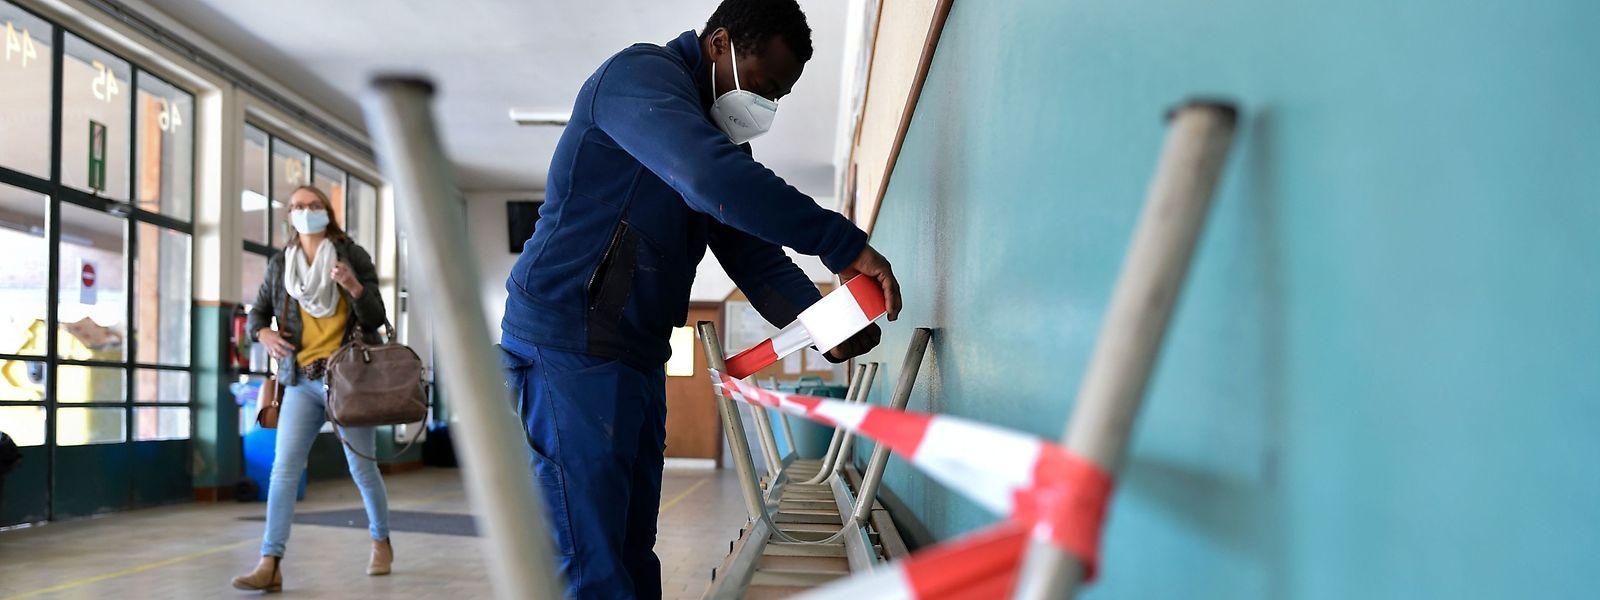 Dernières mesures barrières avant la reprise des jeunes écoliers belges.